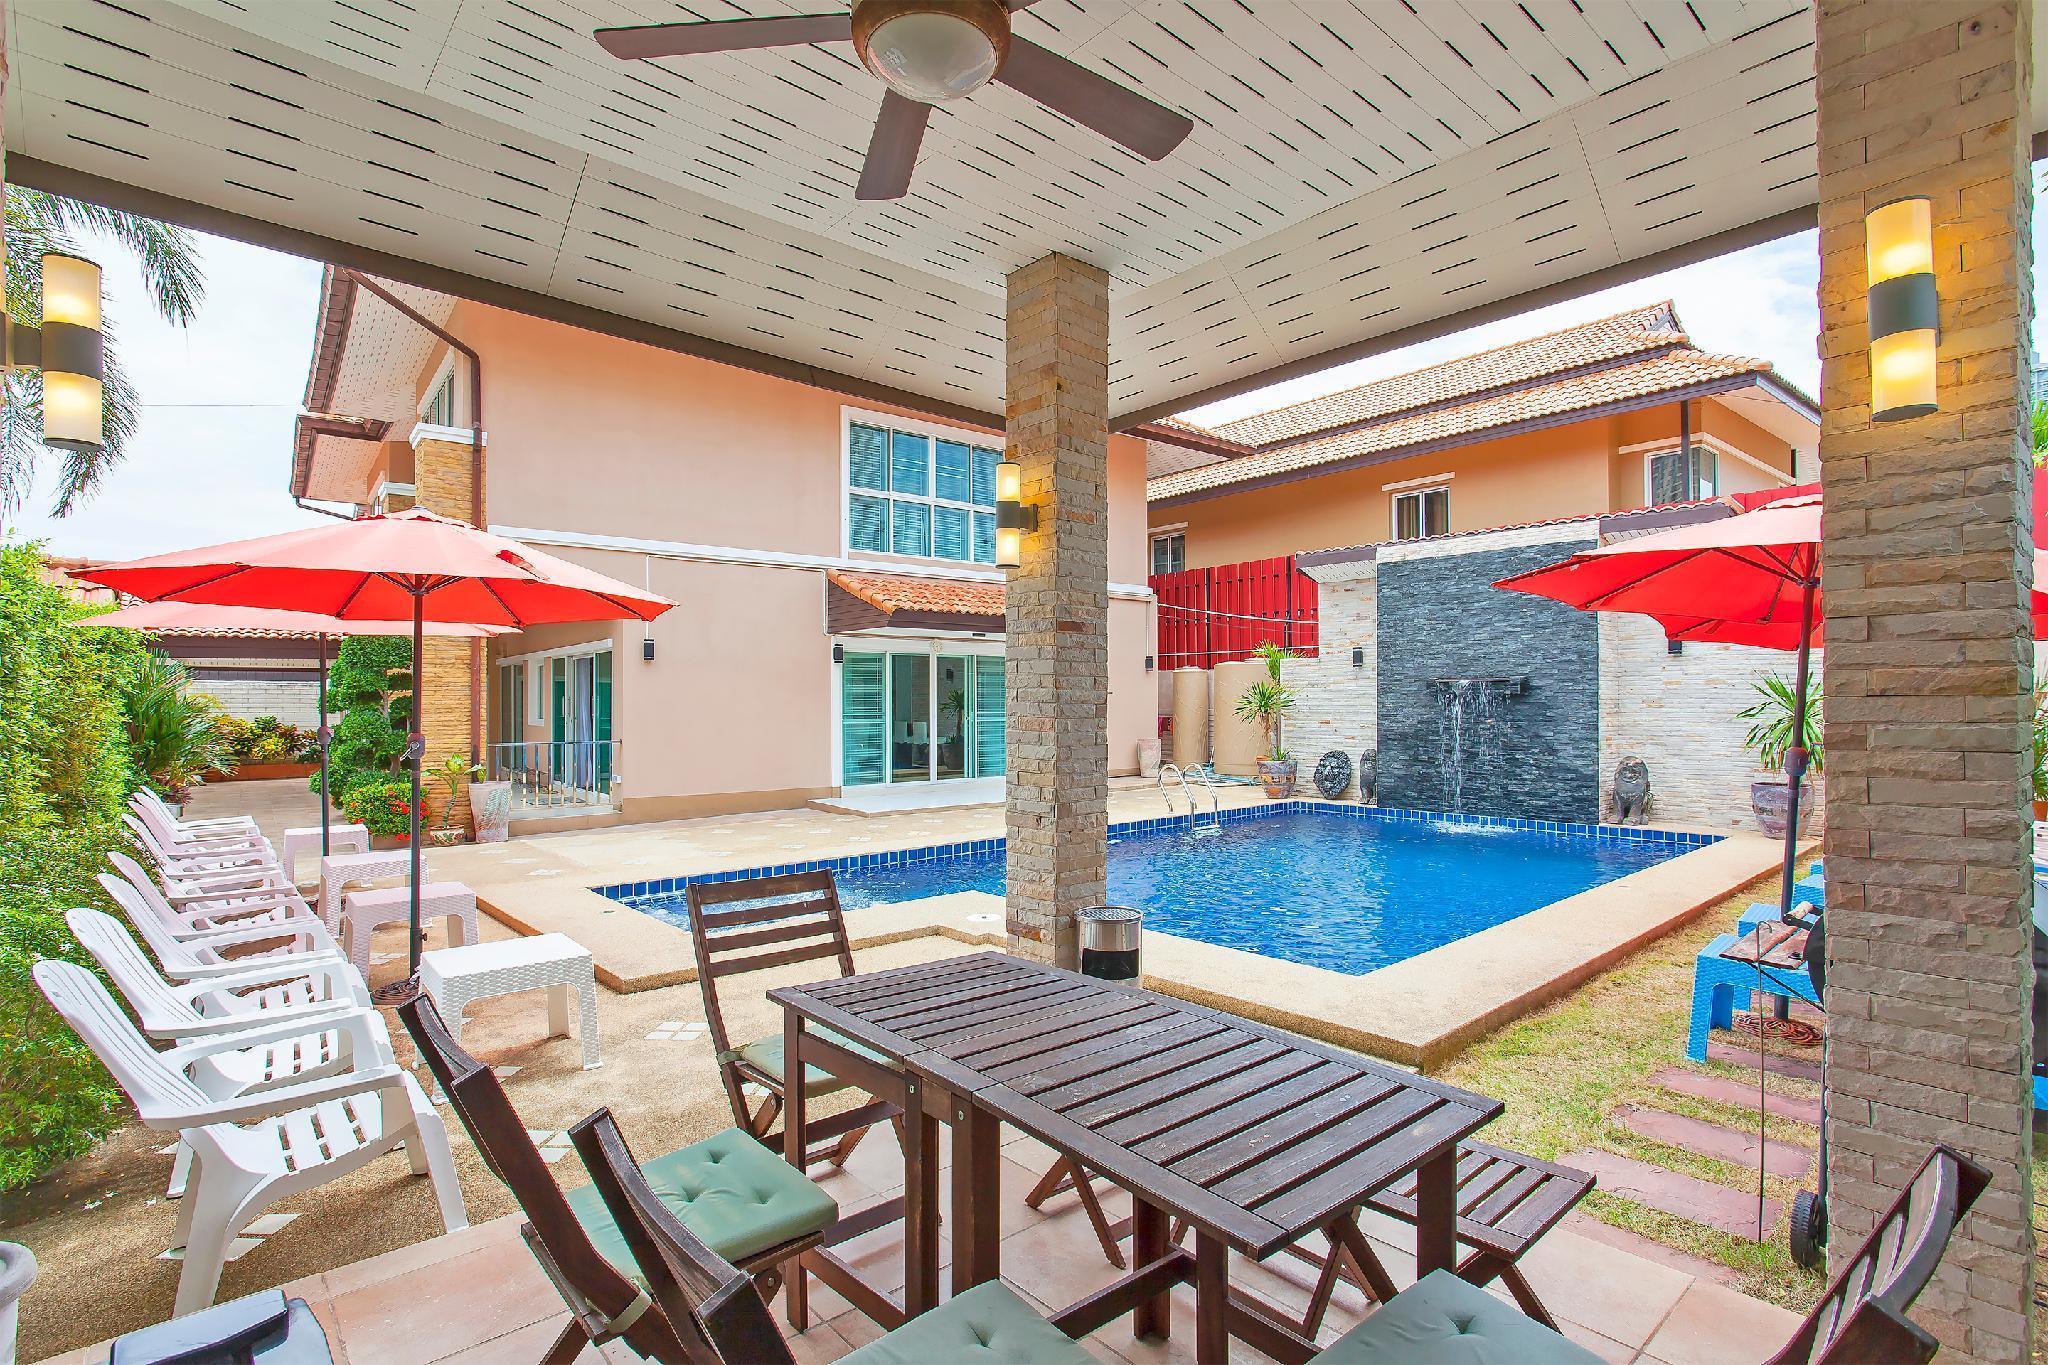 Moonlight Villa | 4 Bed Villa near Walking Street Moonlight Villa | 4 Bed Villa near Walking Street